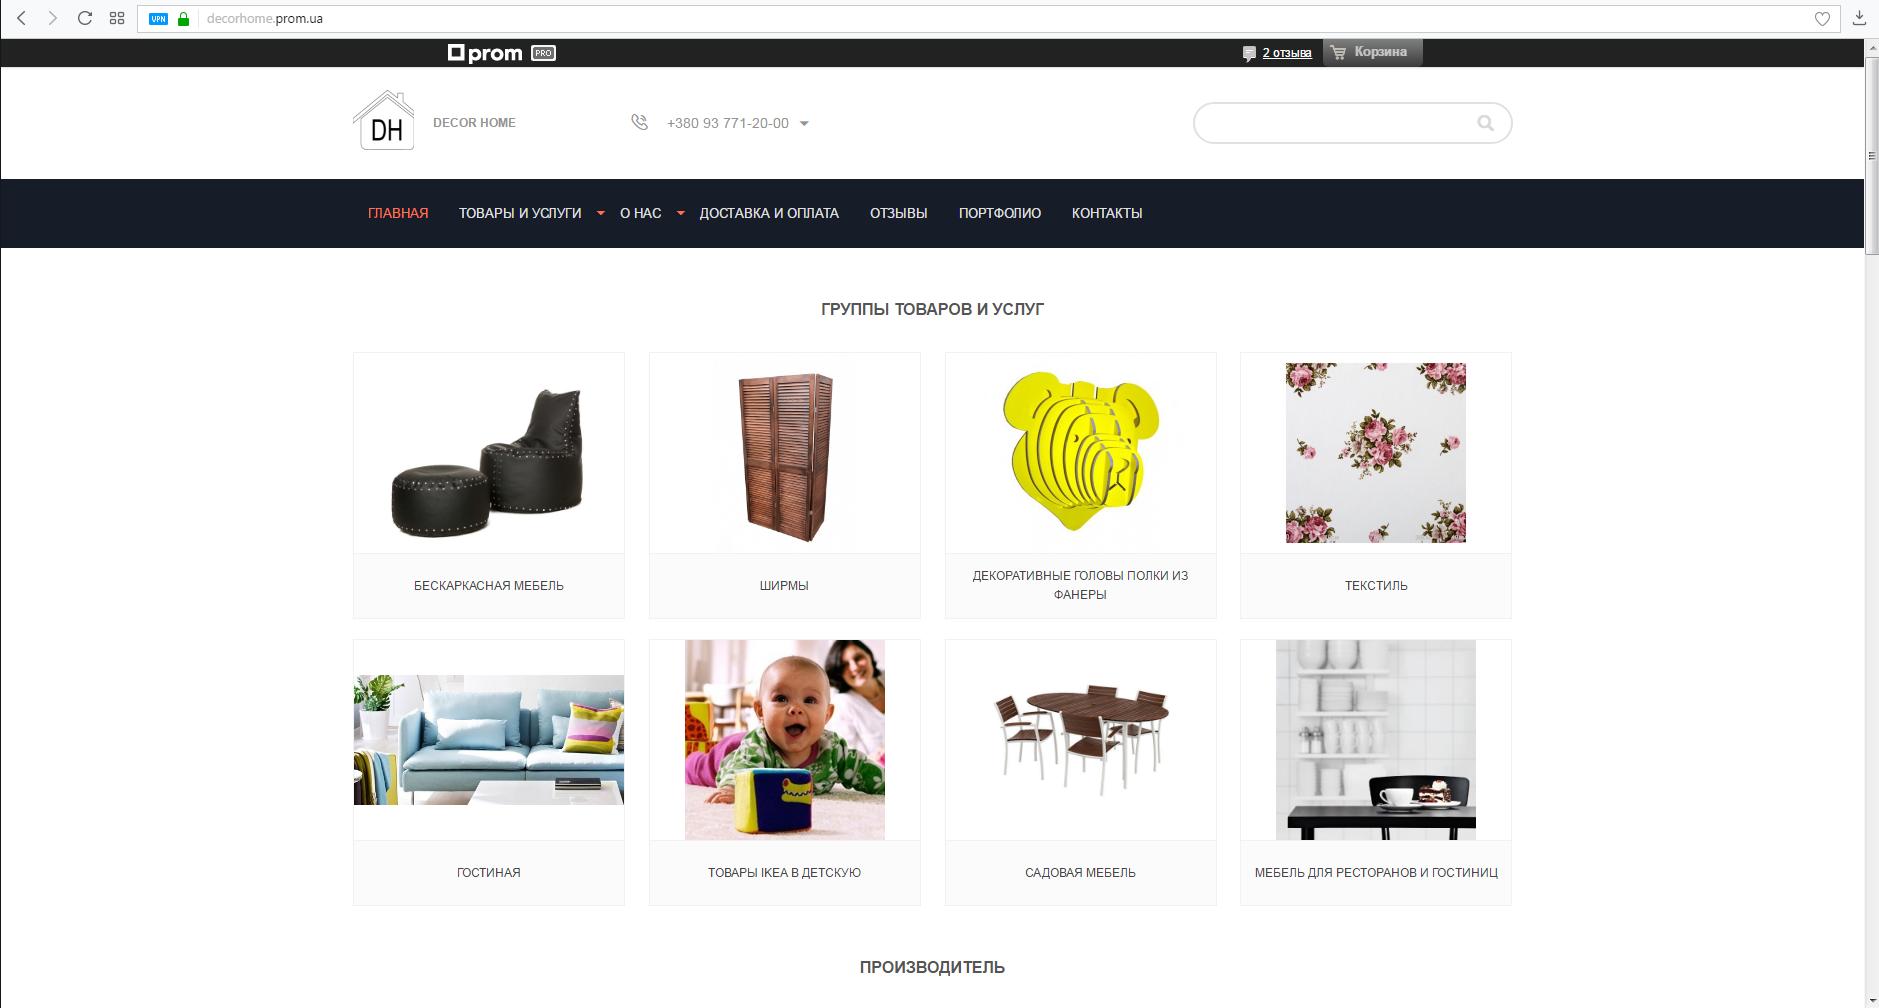 Фото Быстро и качественно наполню ваши сайты нужной информацией. Адекватные цены, постоянно на связи. 1